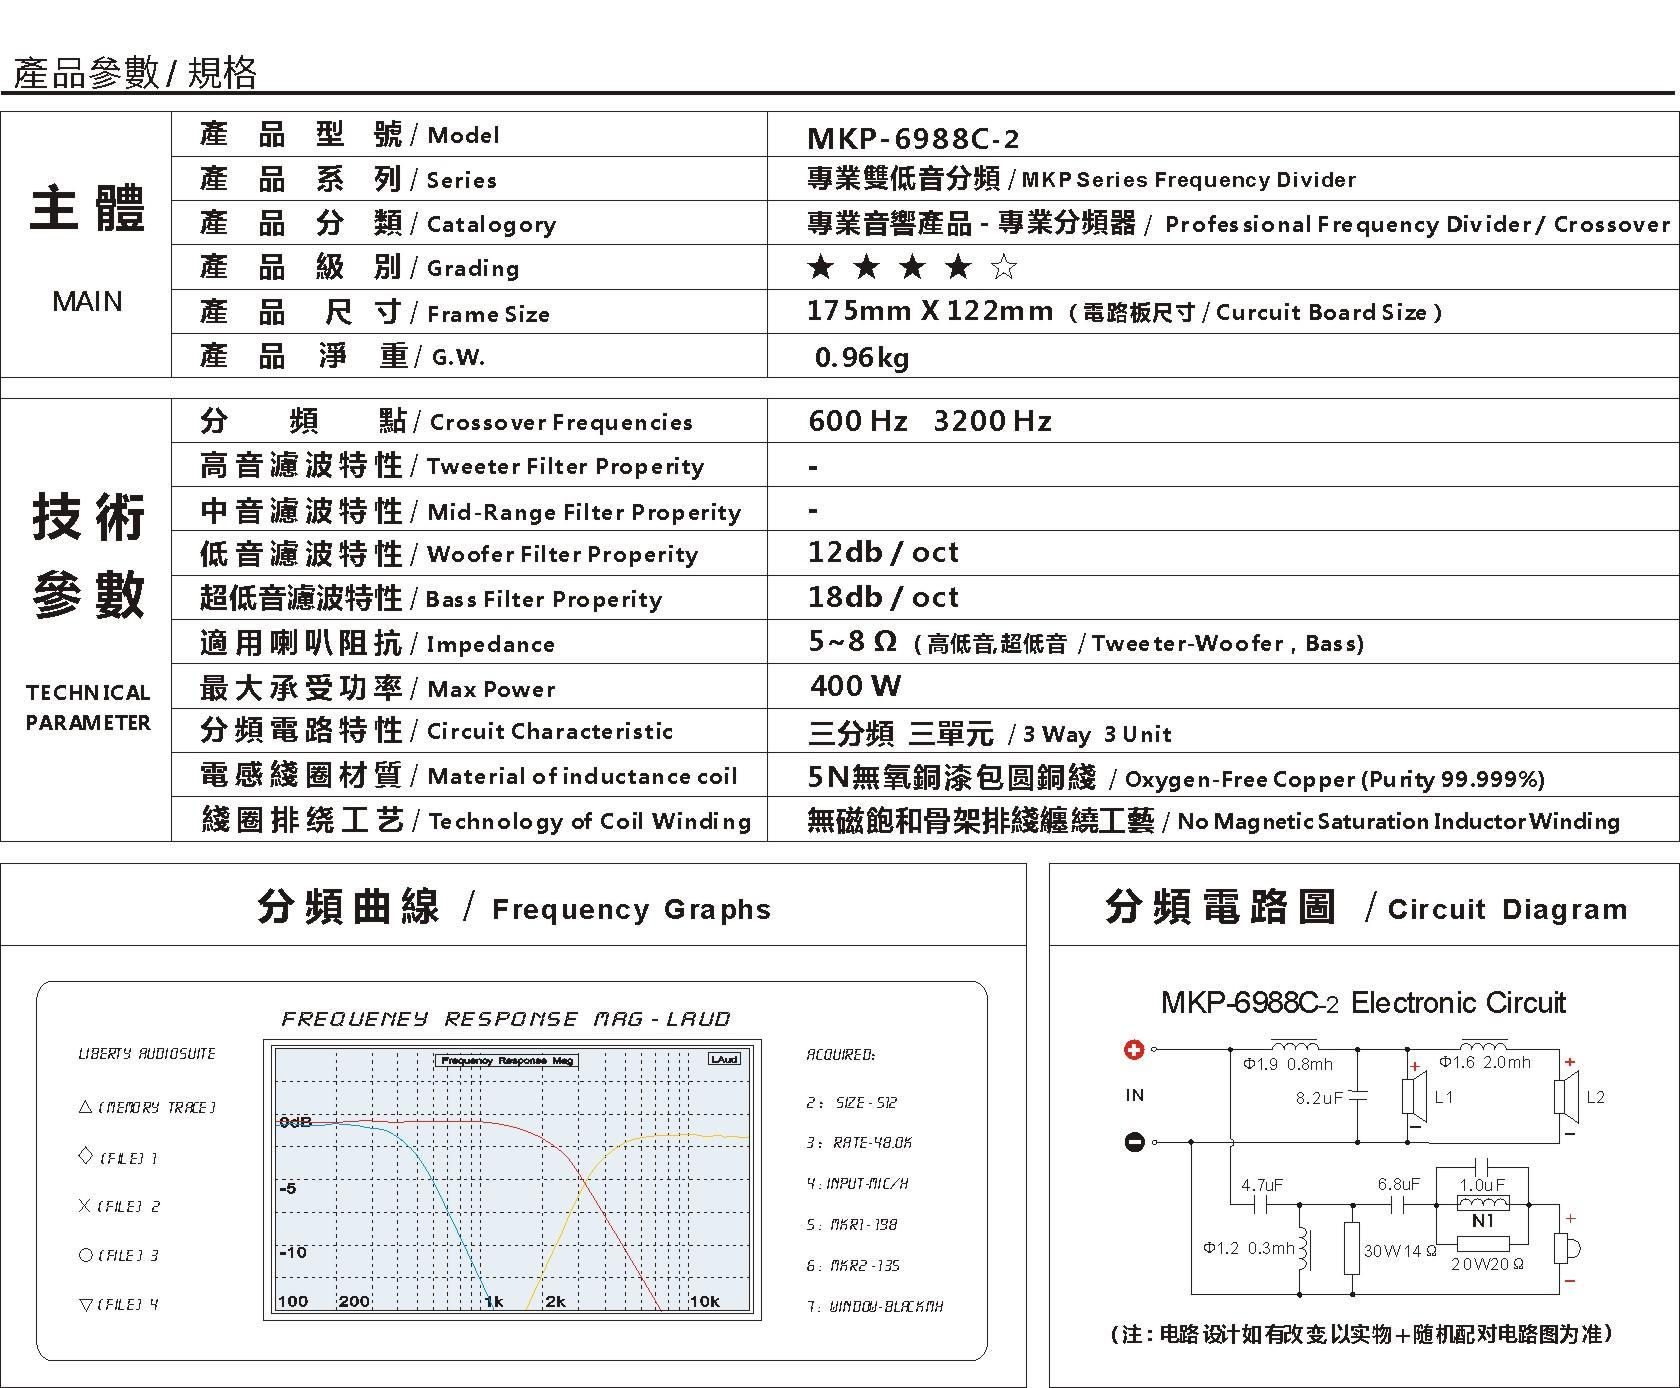 mkp-6988c-2 高级专业双低音分频 - 专业音箱分频器